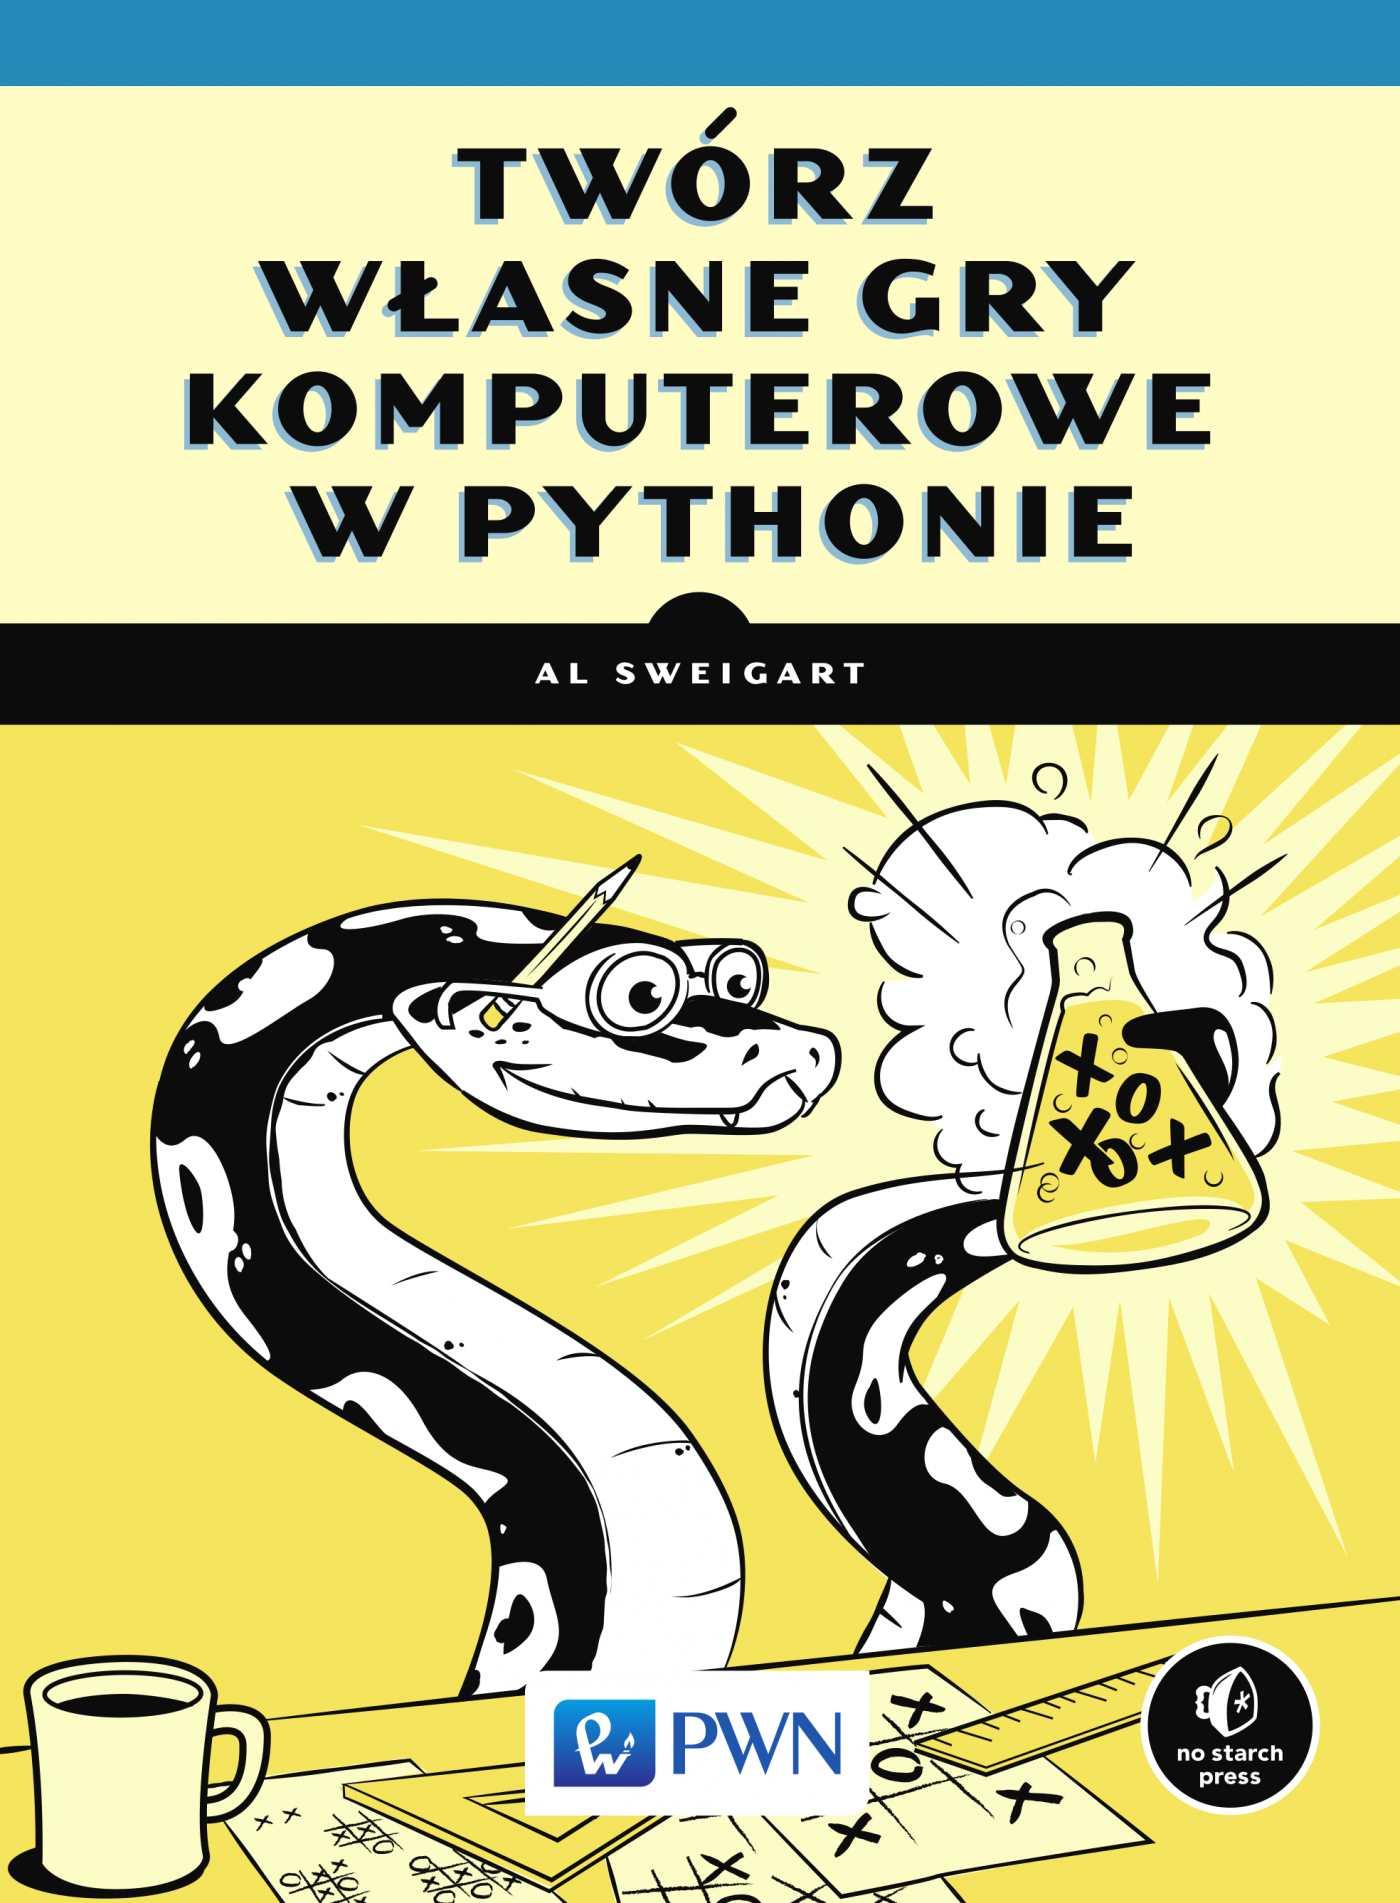 Twórz własne gry komputerowe w Pythonie - Ebook (Książka na Kindle) do pobrania w formacie MOBI